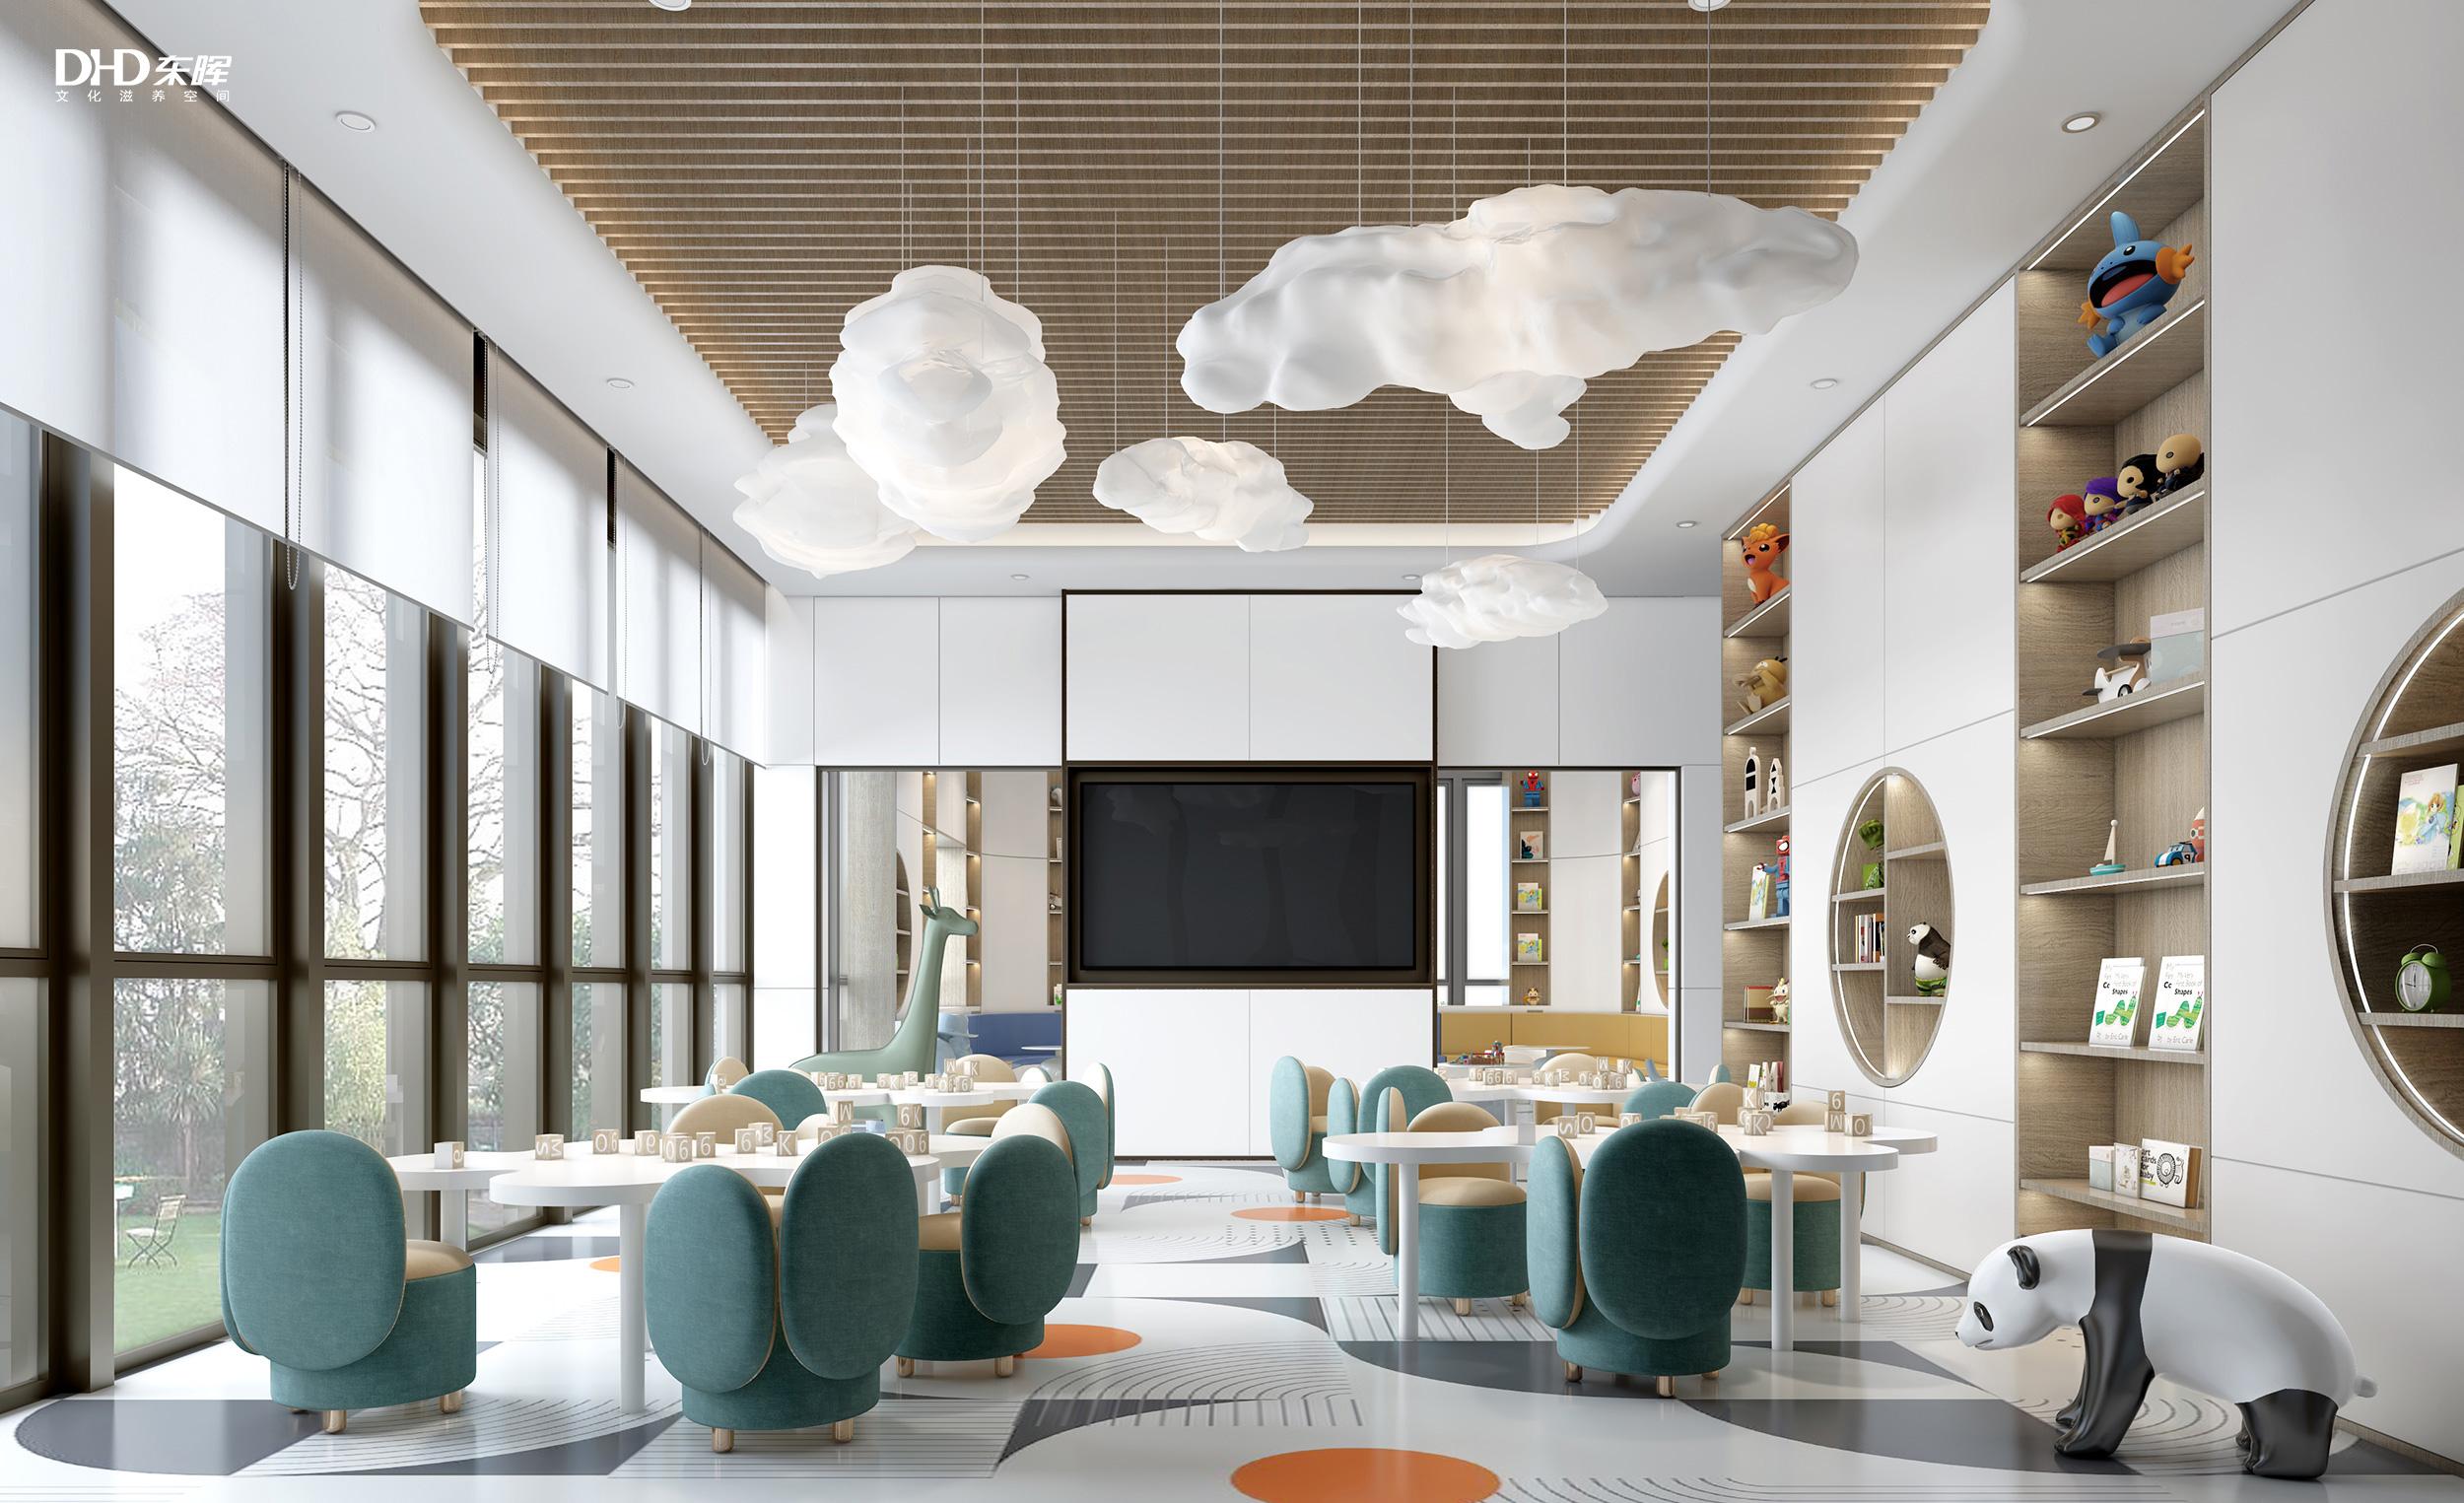 售楼中心效果图案例,售楼处设计效果图案例,售楼处设计案例效果图